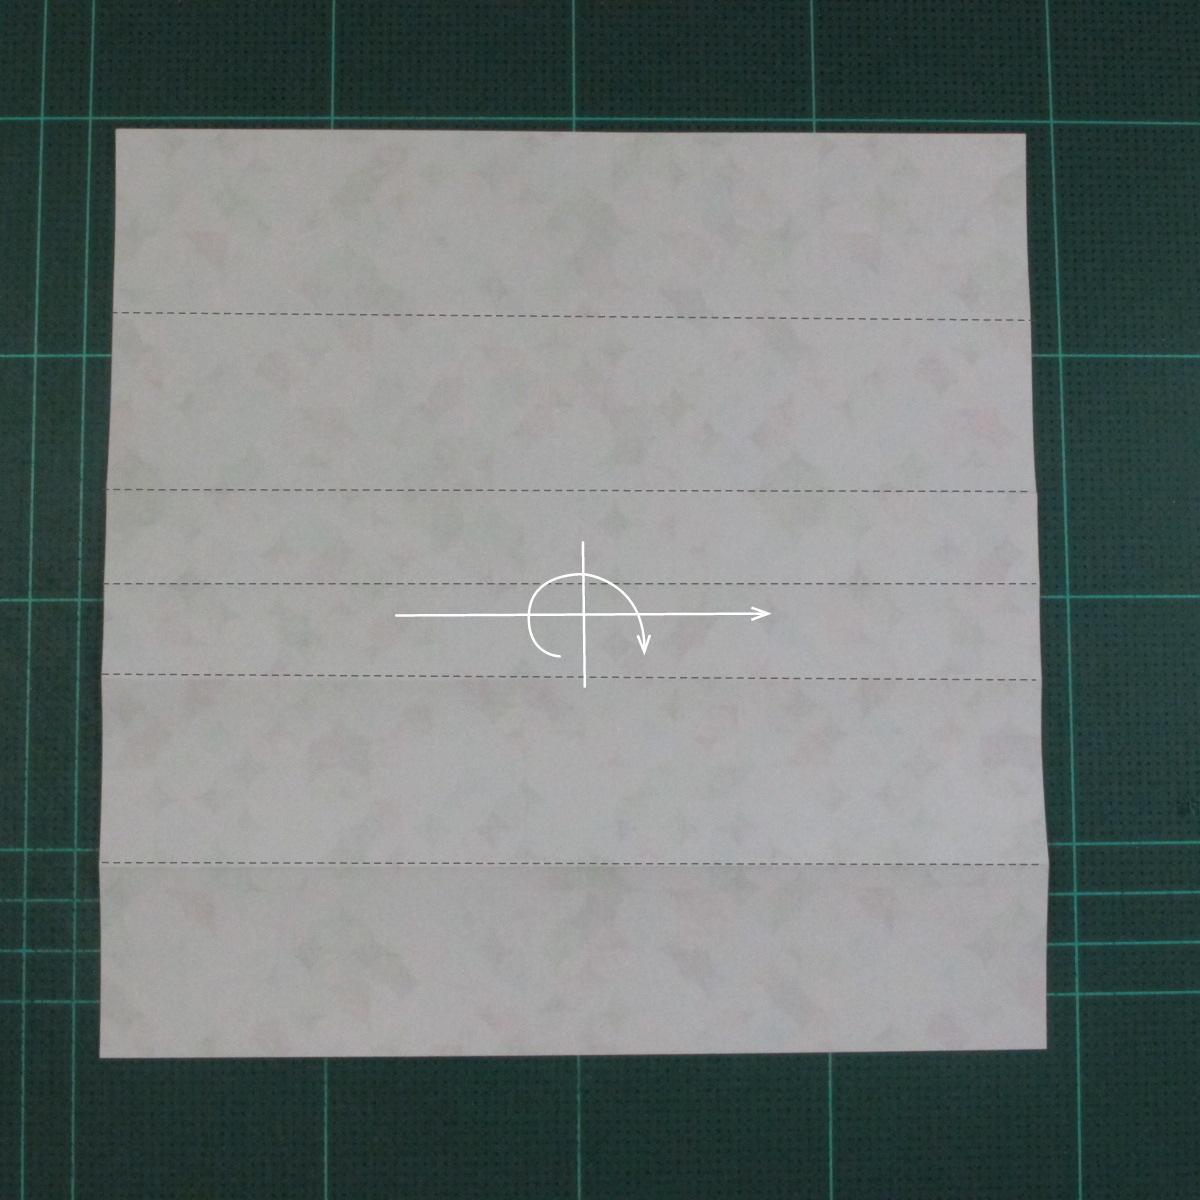 วิธีพับกล่องของขวัญแบบมีฝาปิด (Origami Present Box With Lid) 008